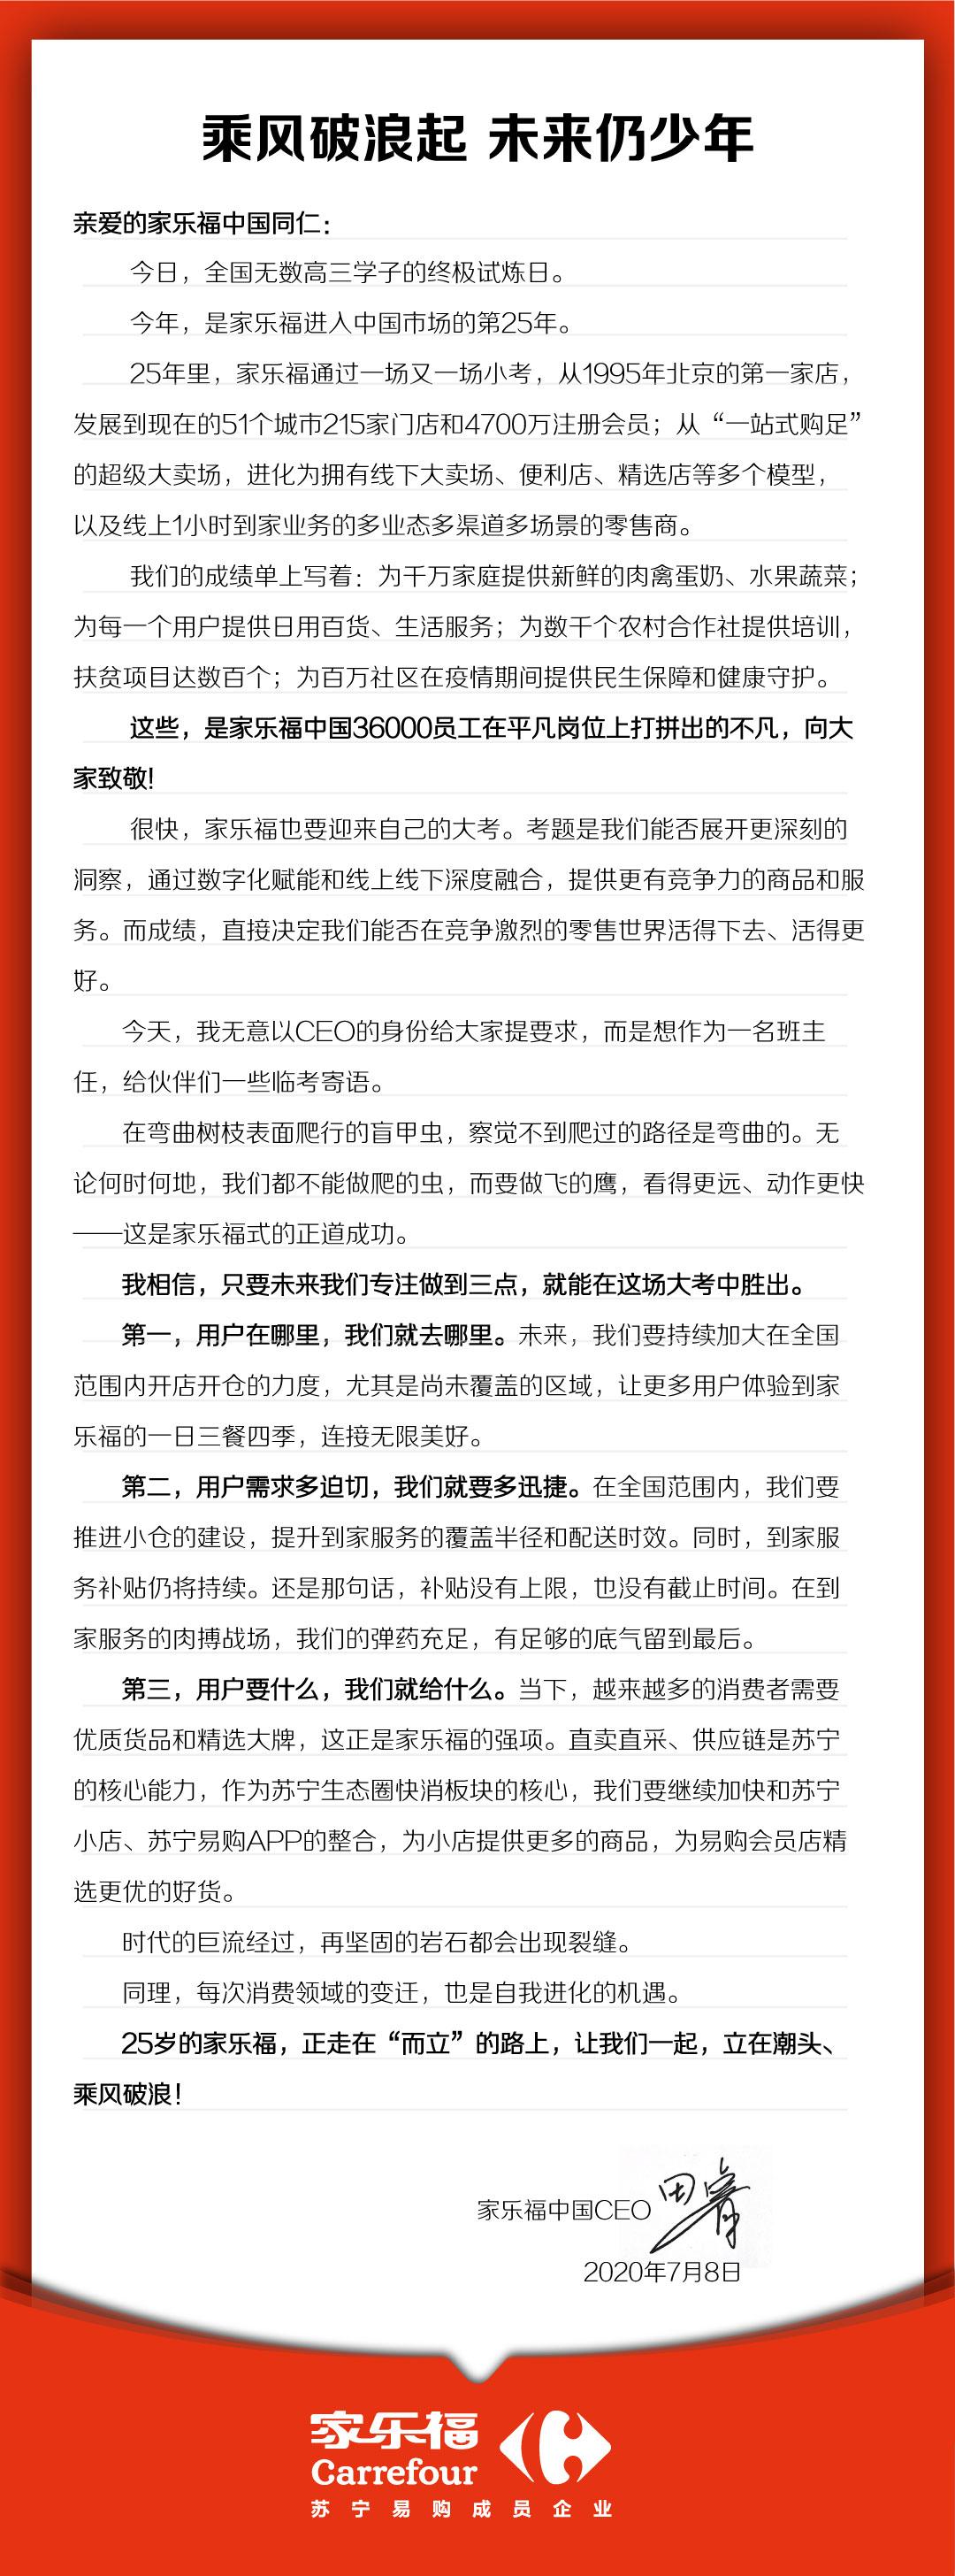 苏宁家乐福CEO田睿内部邮件曝光:将建小仓提升到家半径和时效